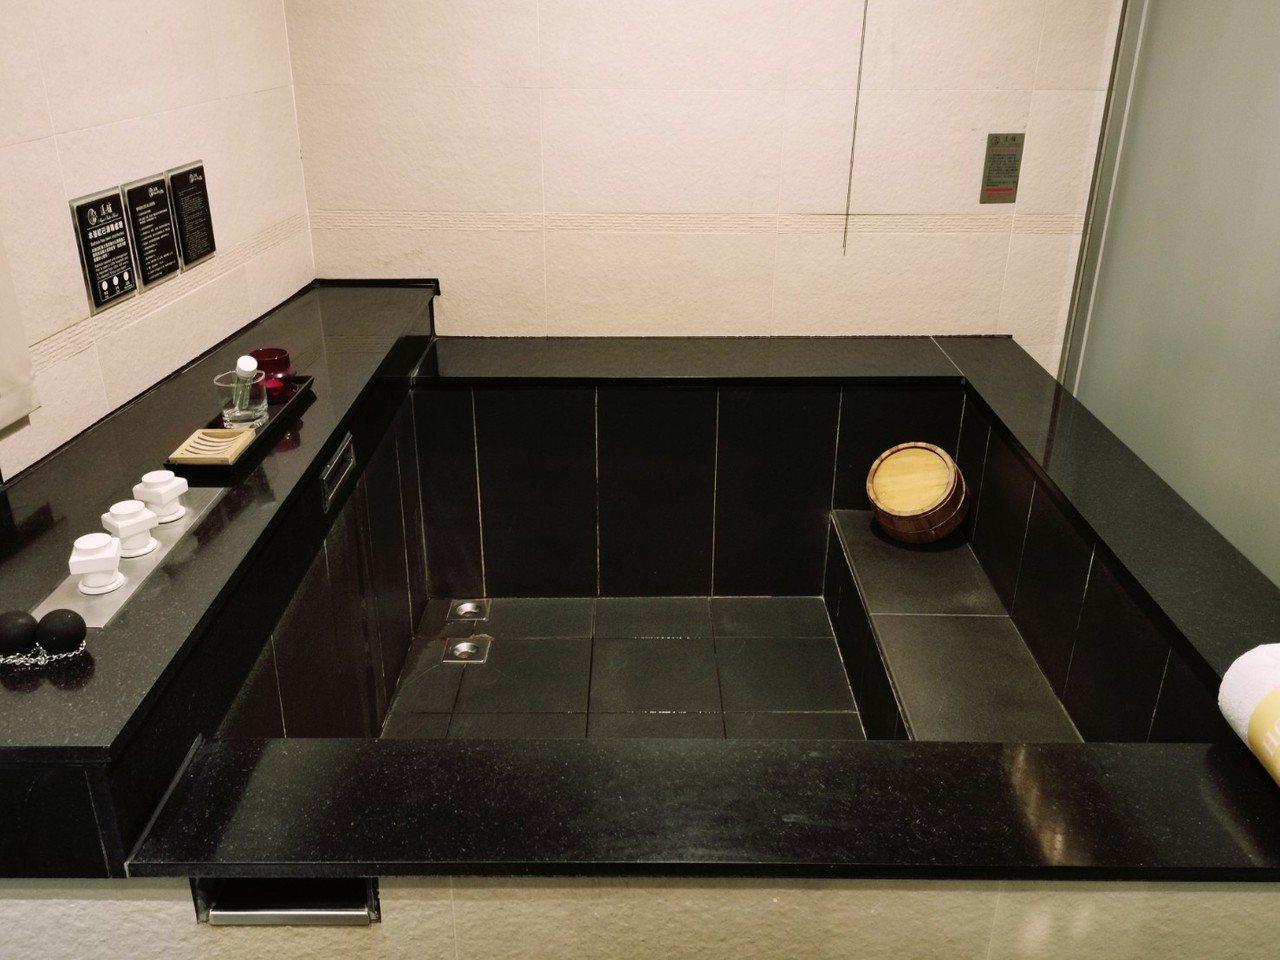 漾館時尚溫泉飯店每一間客房內皆有溫泉池可供泡湯使用,空間可同時容納2位成人。記者...